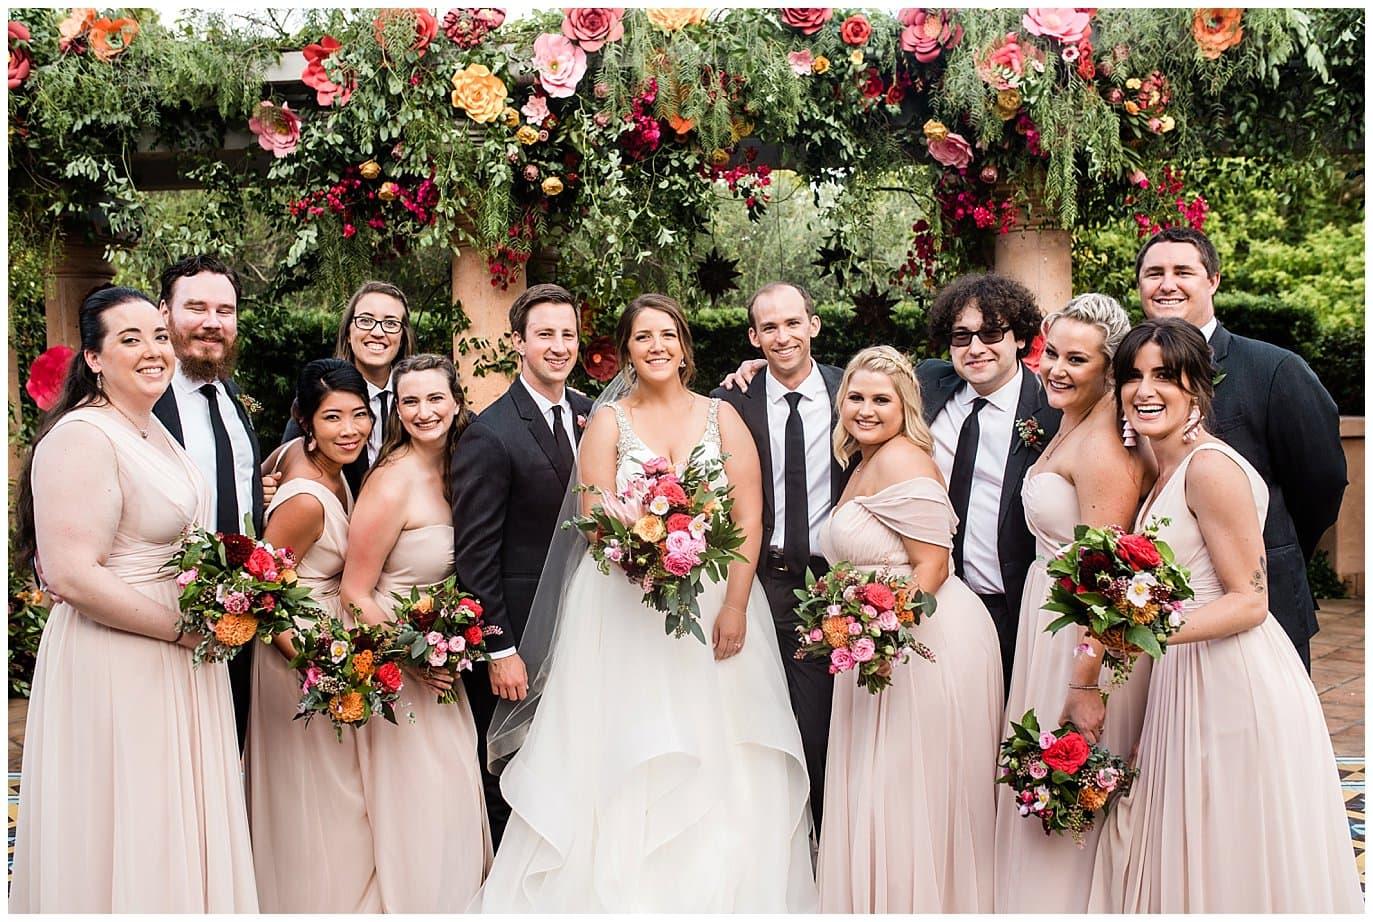 Rancho Valencia wedding party photo